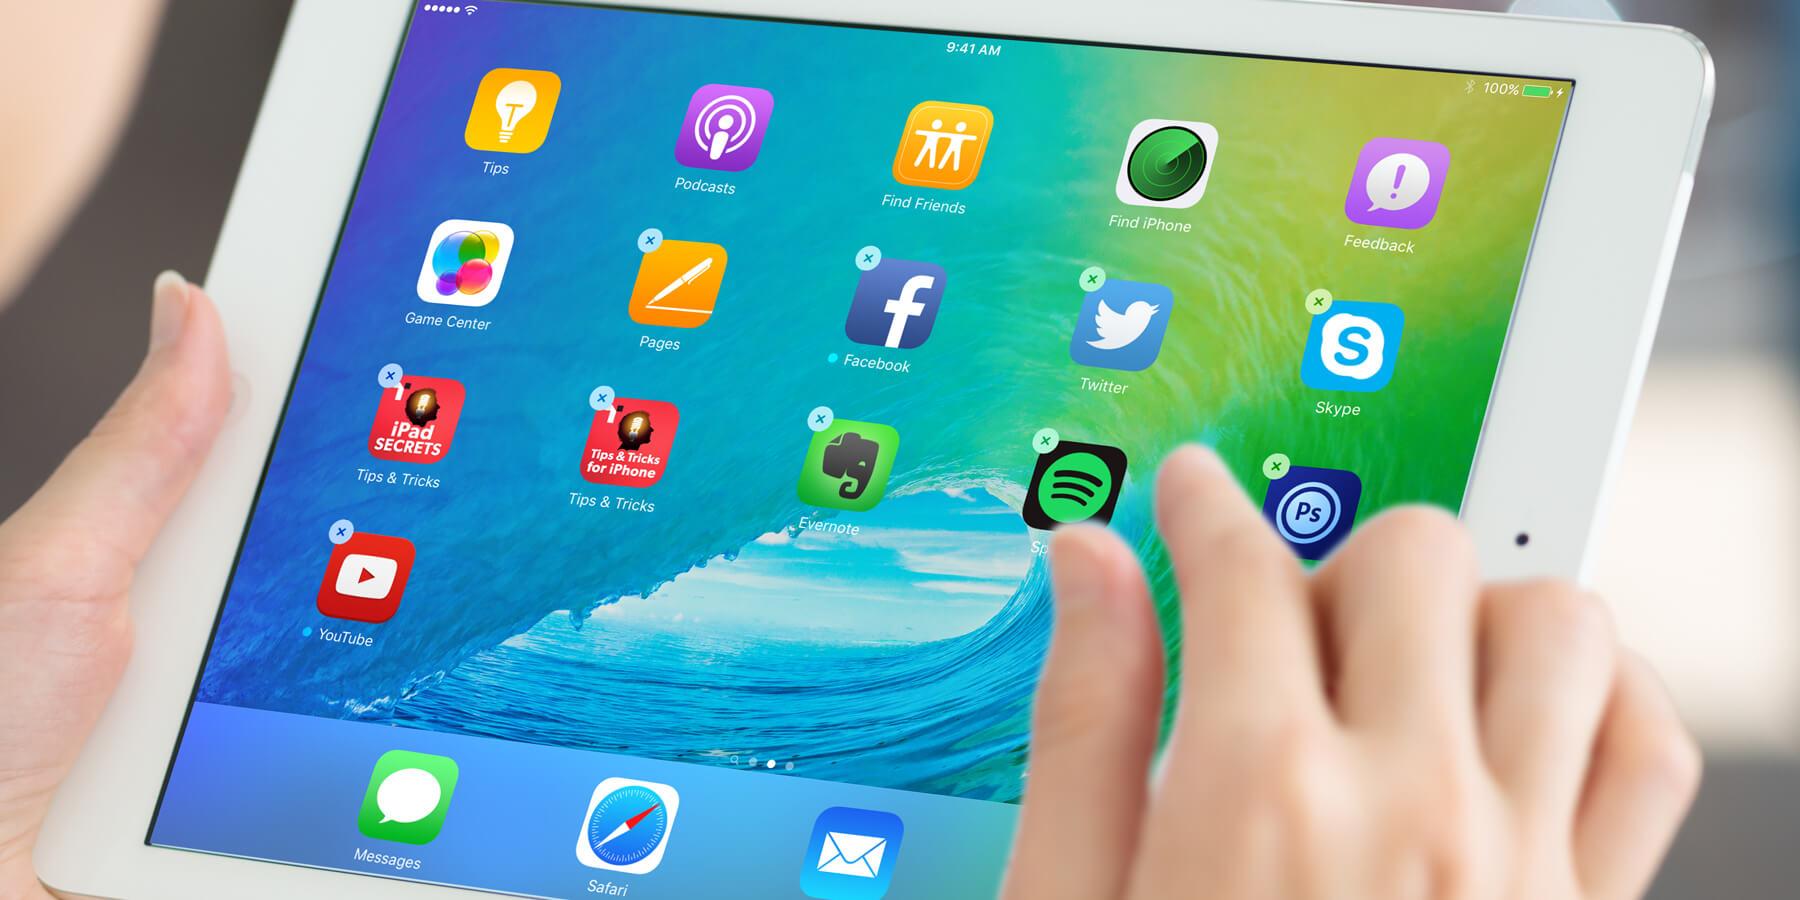 Permalink to IOS 9.3.2 Beta 2 ya disponible para iPhone y iPad: todas las novedades